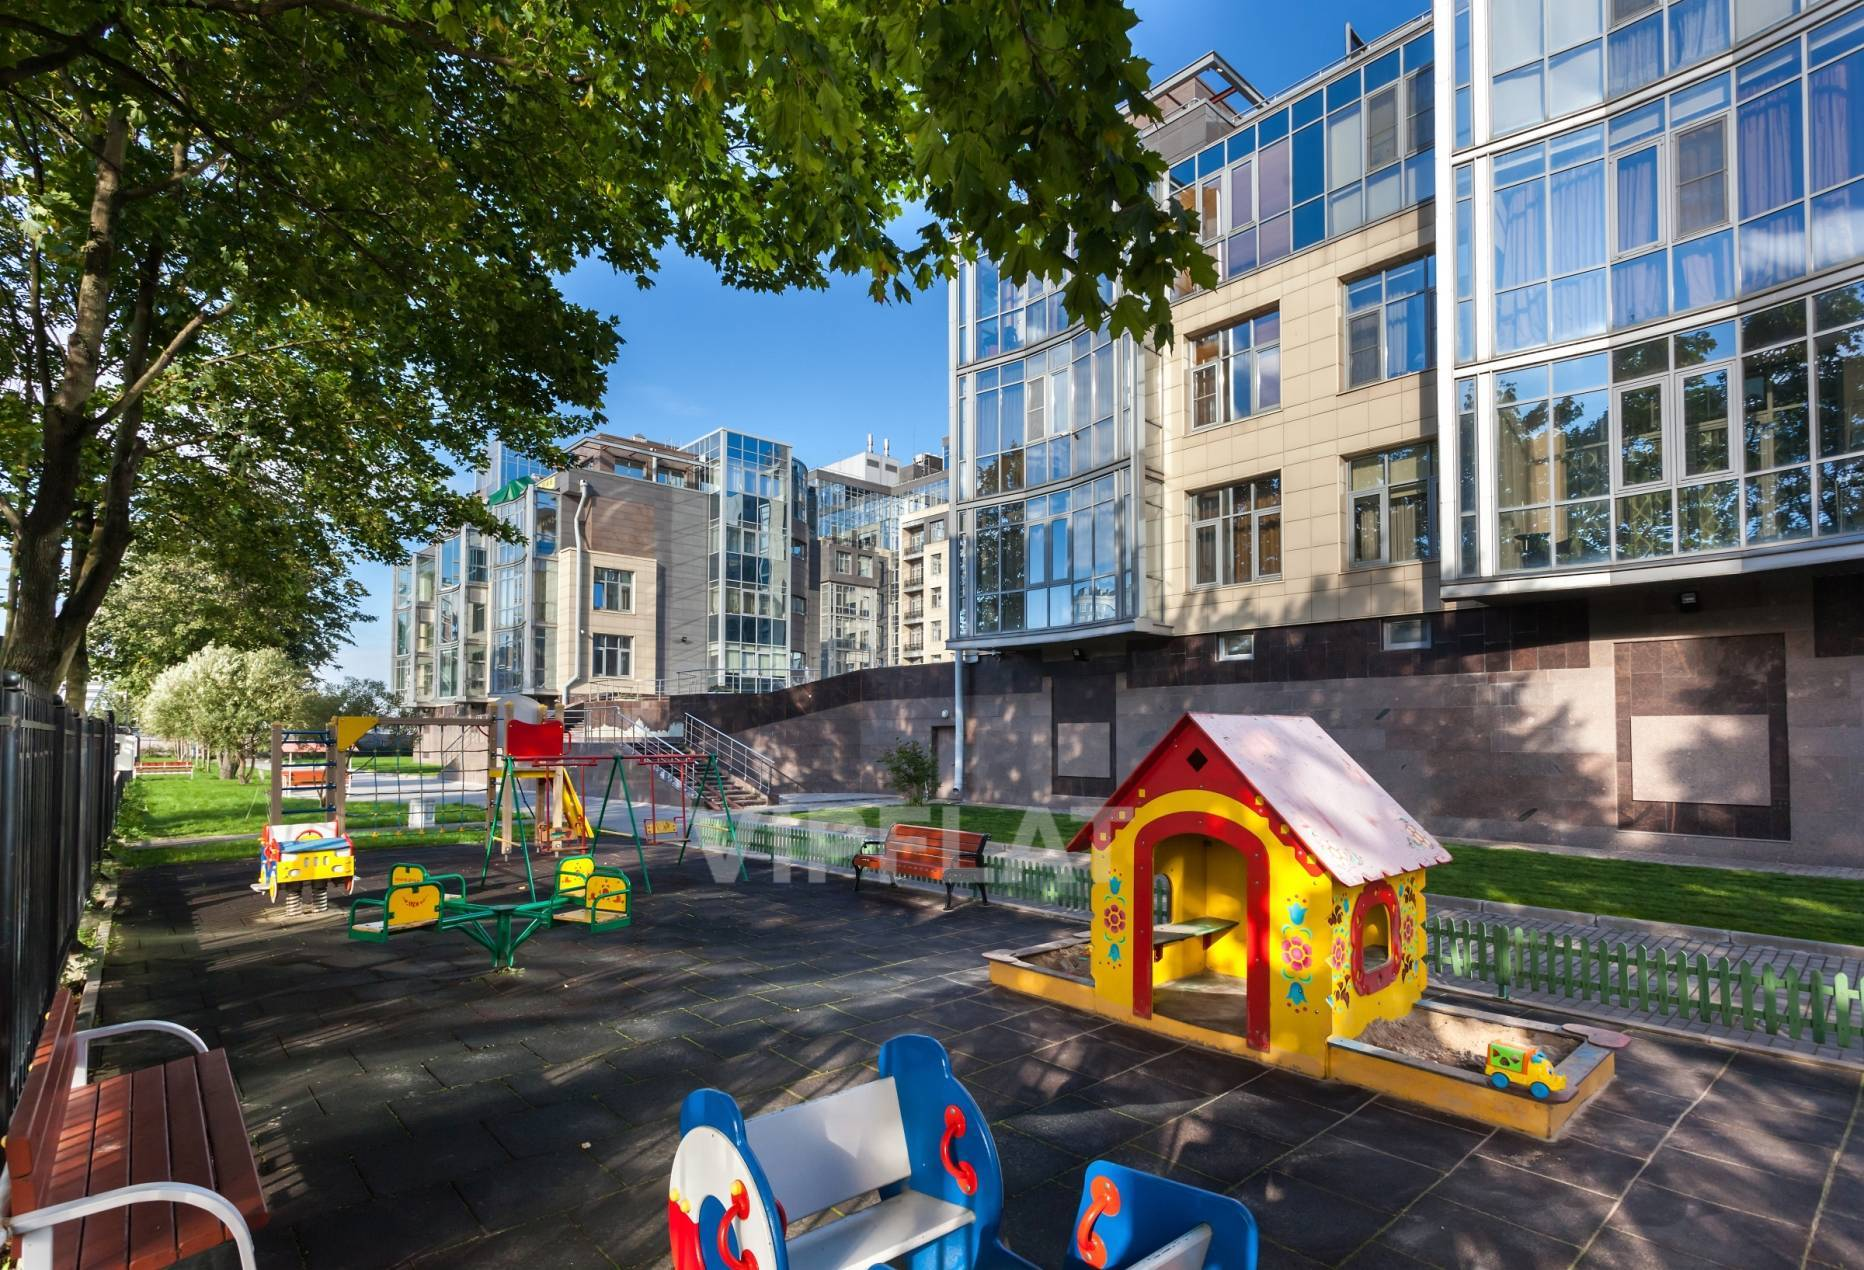 Продажа элитных квартир Санкт-Петербурга. Вязовая ул., 10 Детские площадки на территории